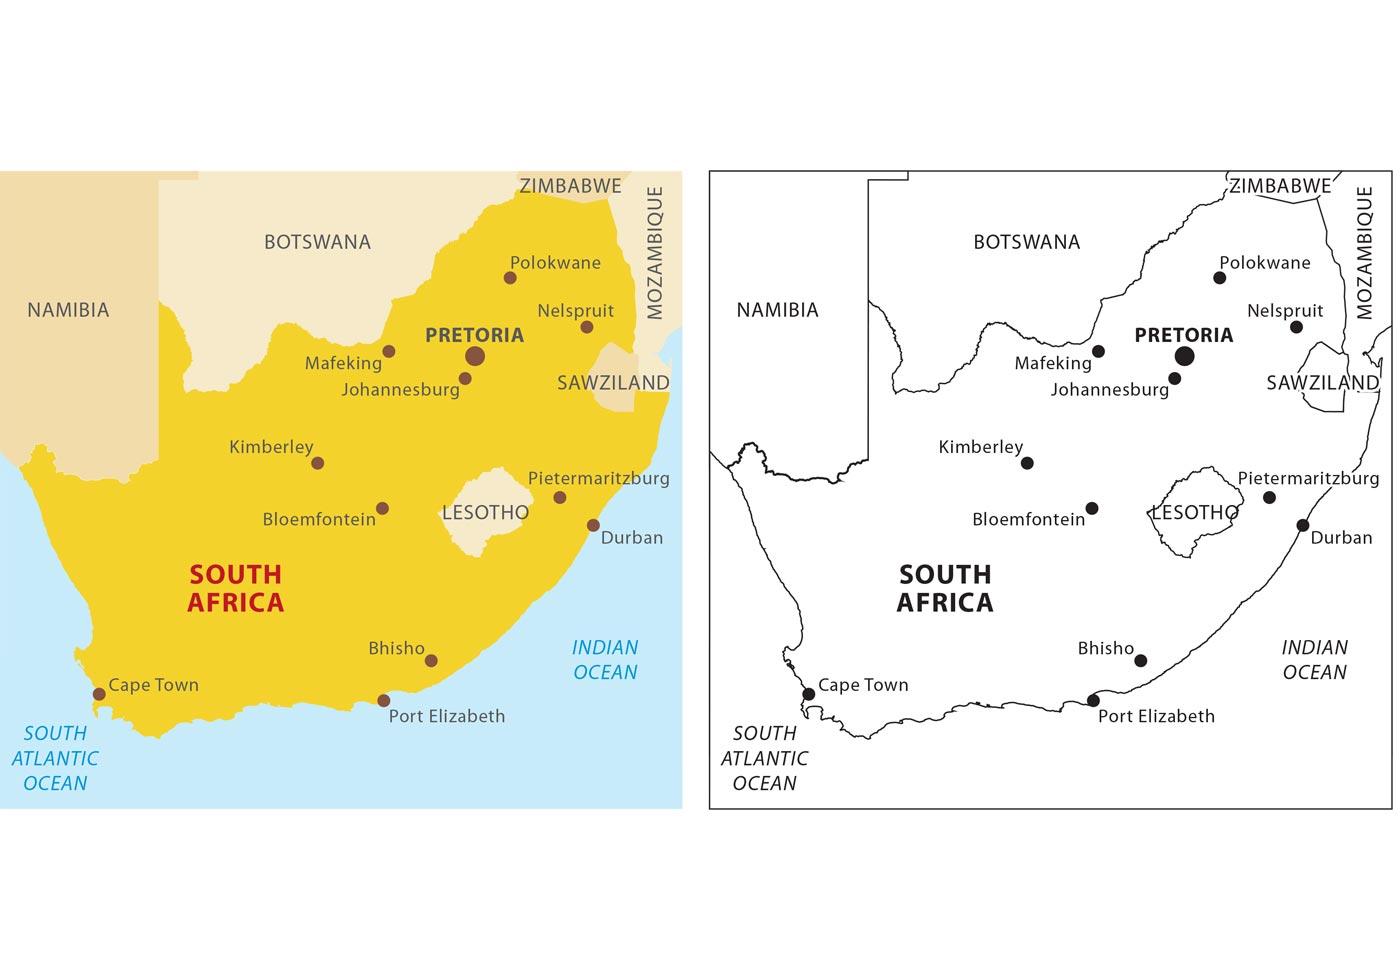 Cartina Muta Del Sudafrica.Mappa Vettoriale Del Sud Africa 91306 Scarica Immagini Vettoriali Gratis Grafica Vettoriale E Disegno Modelli